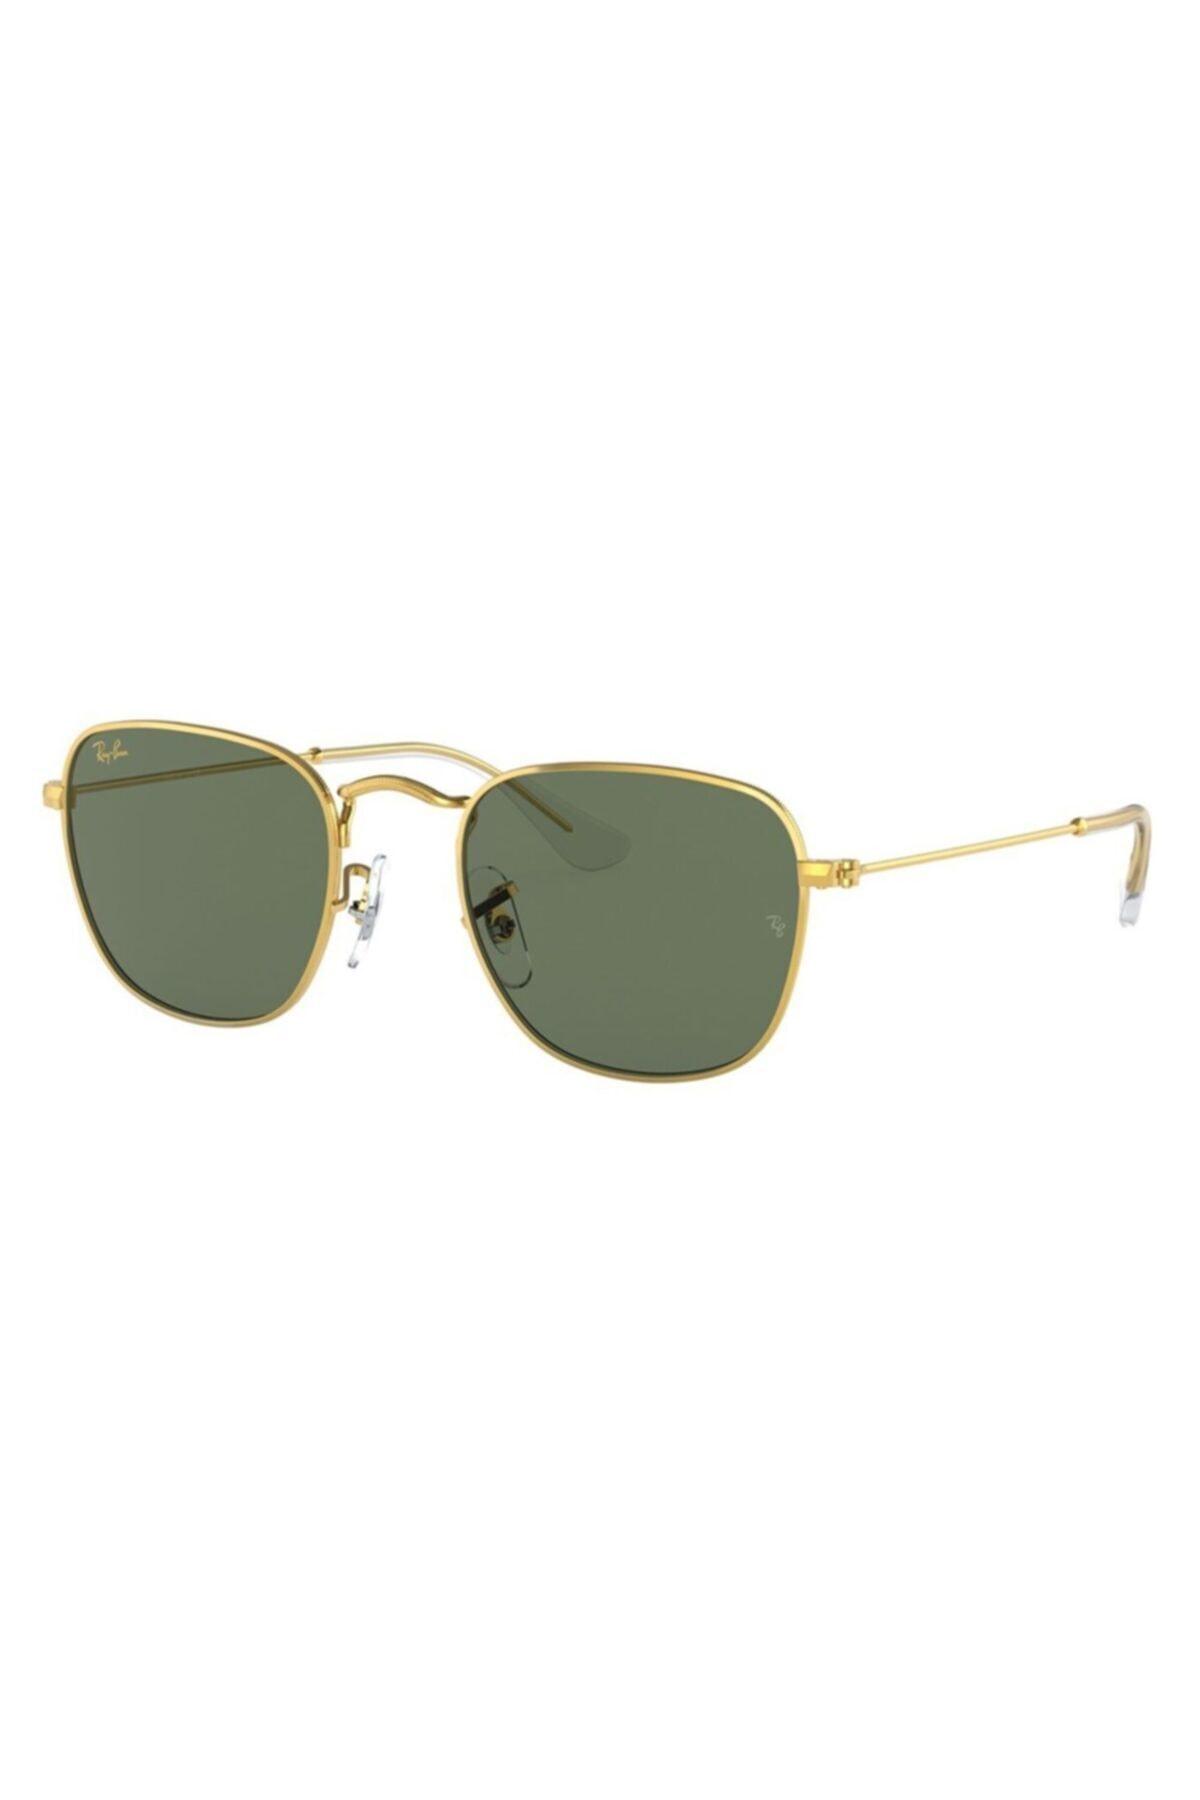 عینک آفتابی طرح دار برند ری بن رنگ طلایی ty92581905